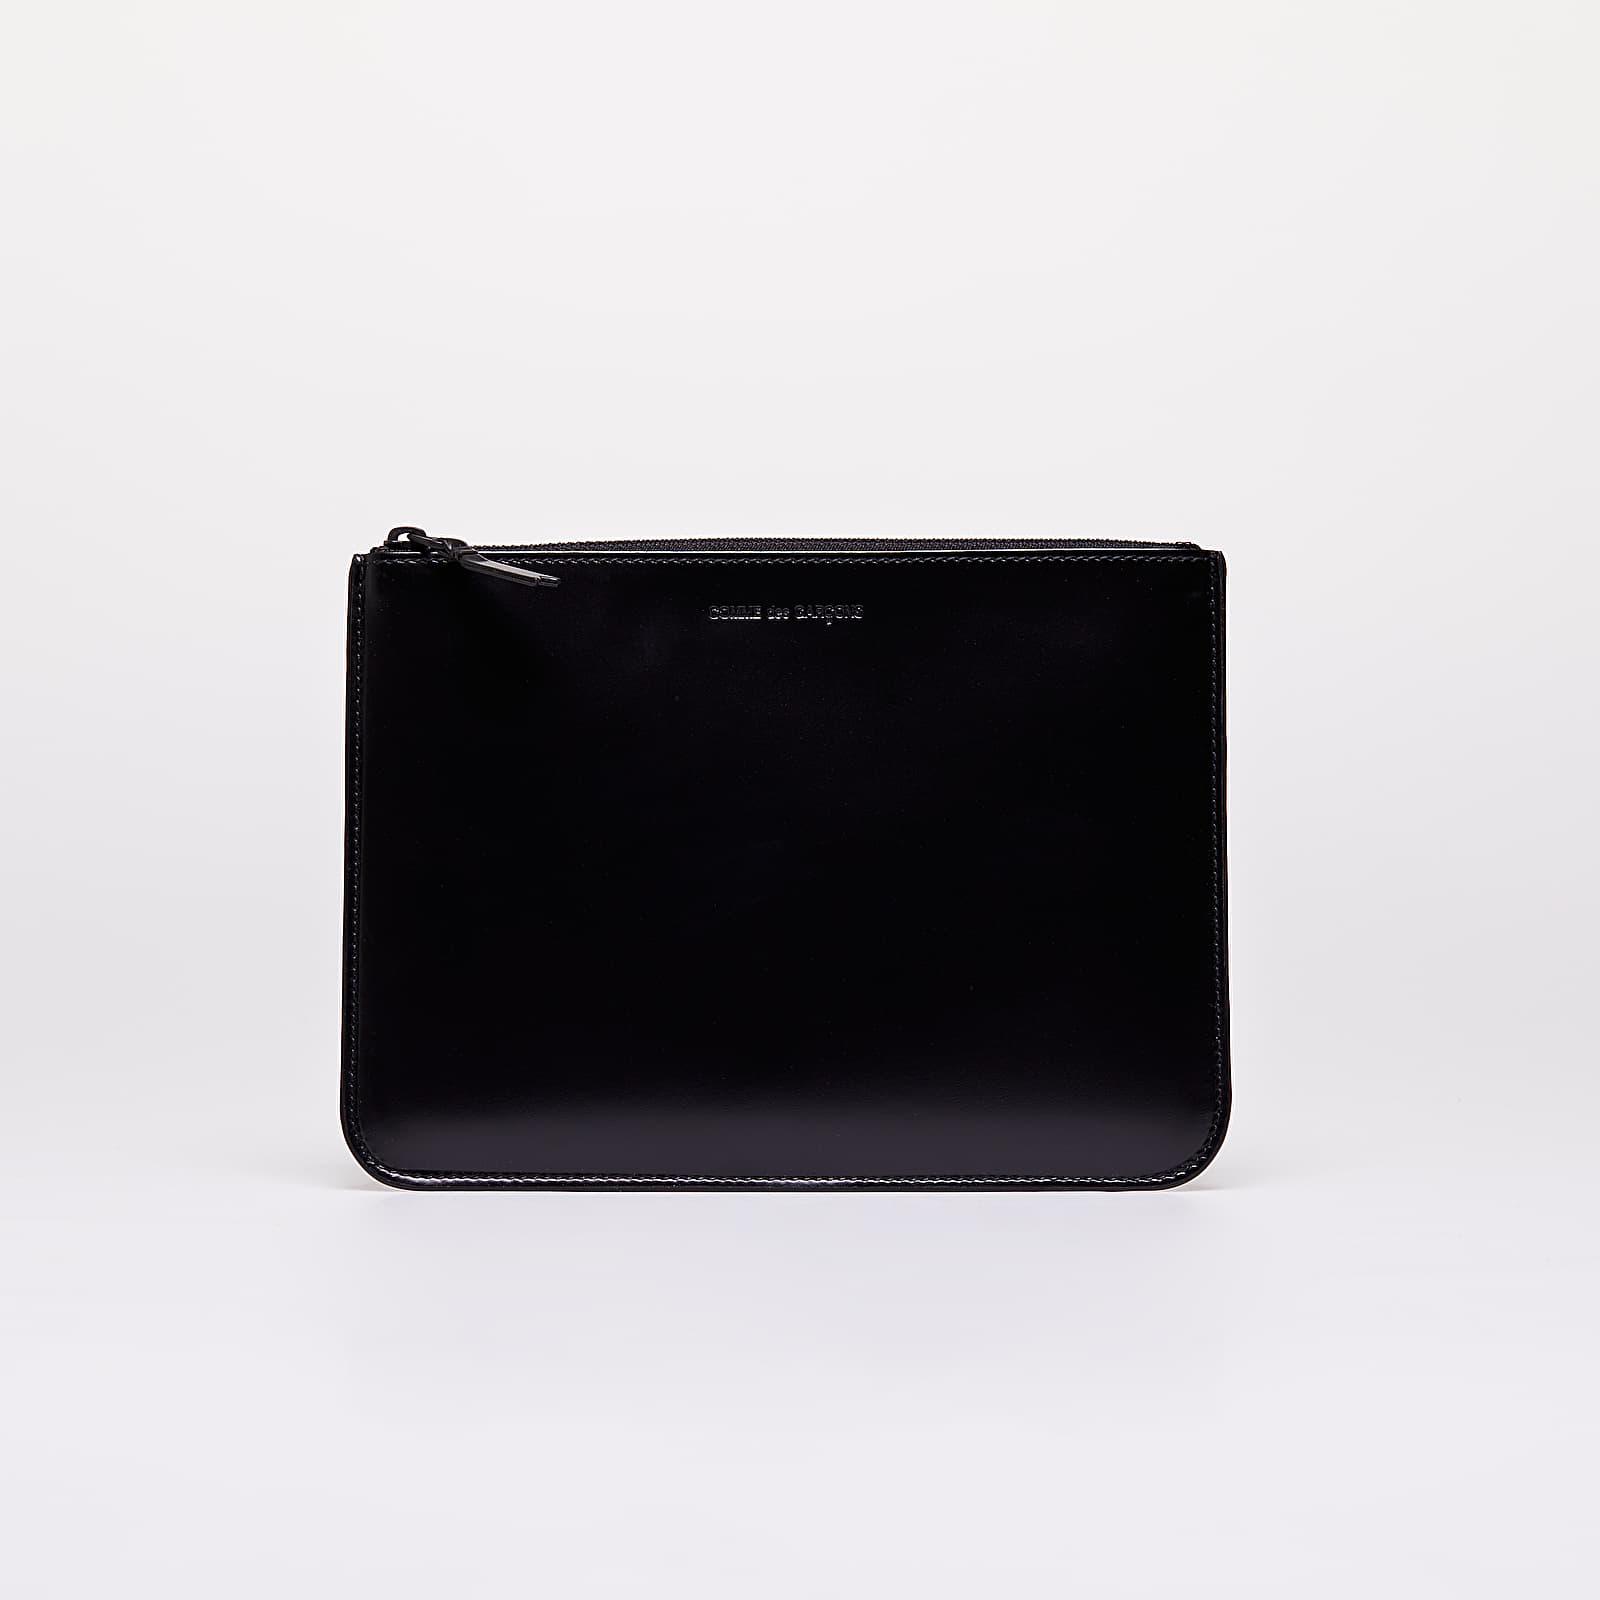 Pénztárcák Comme des Garçons Wallet Very Black